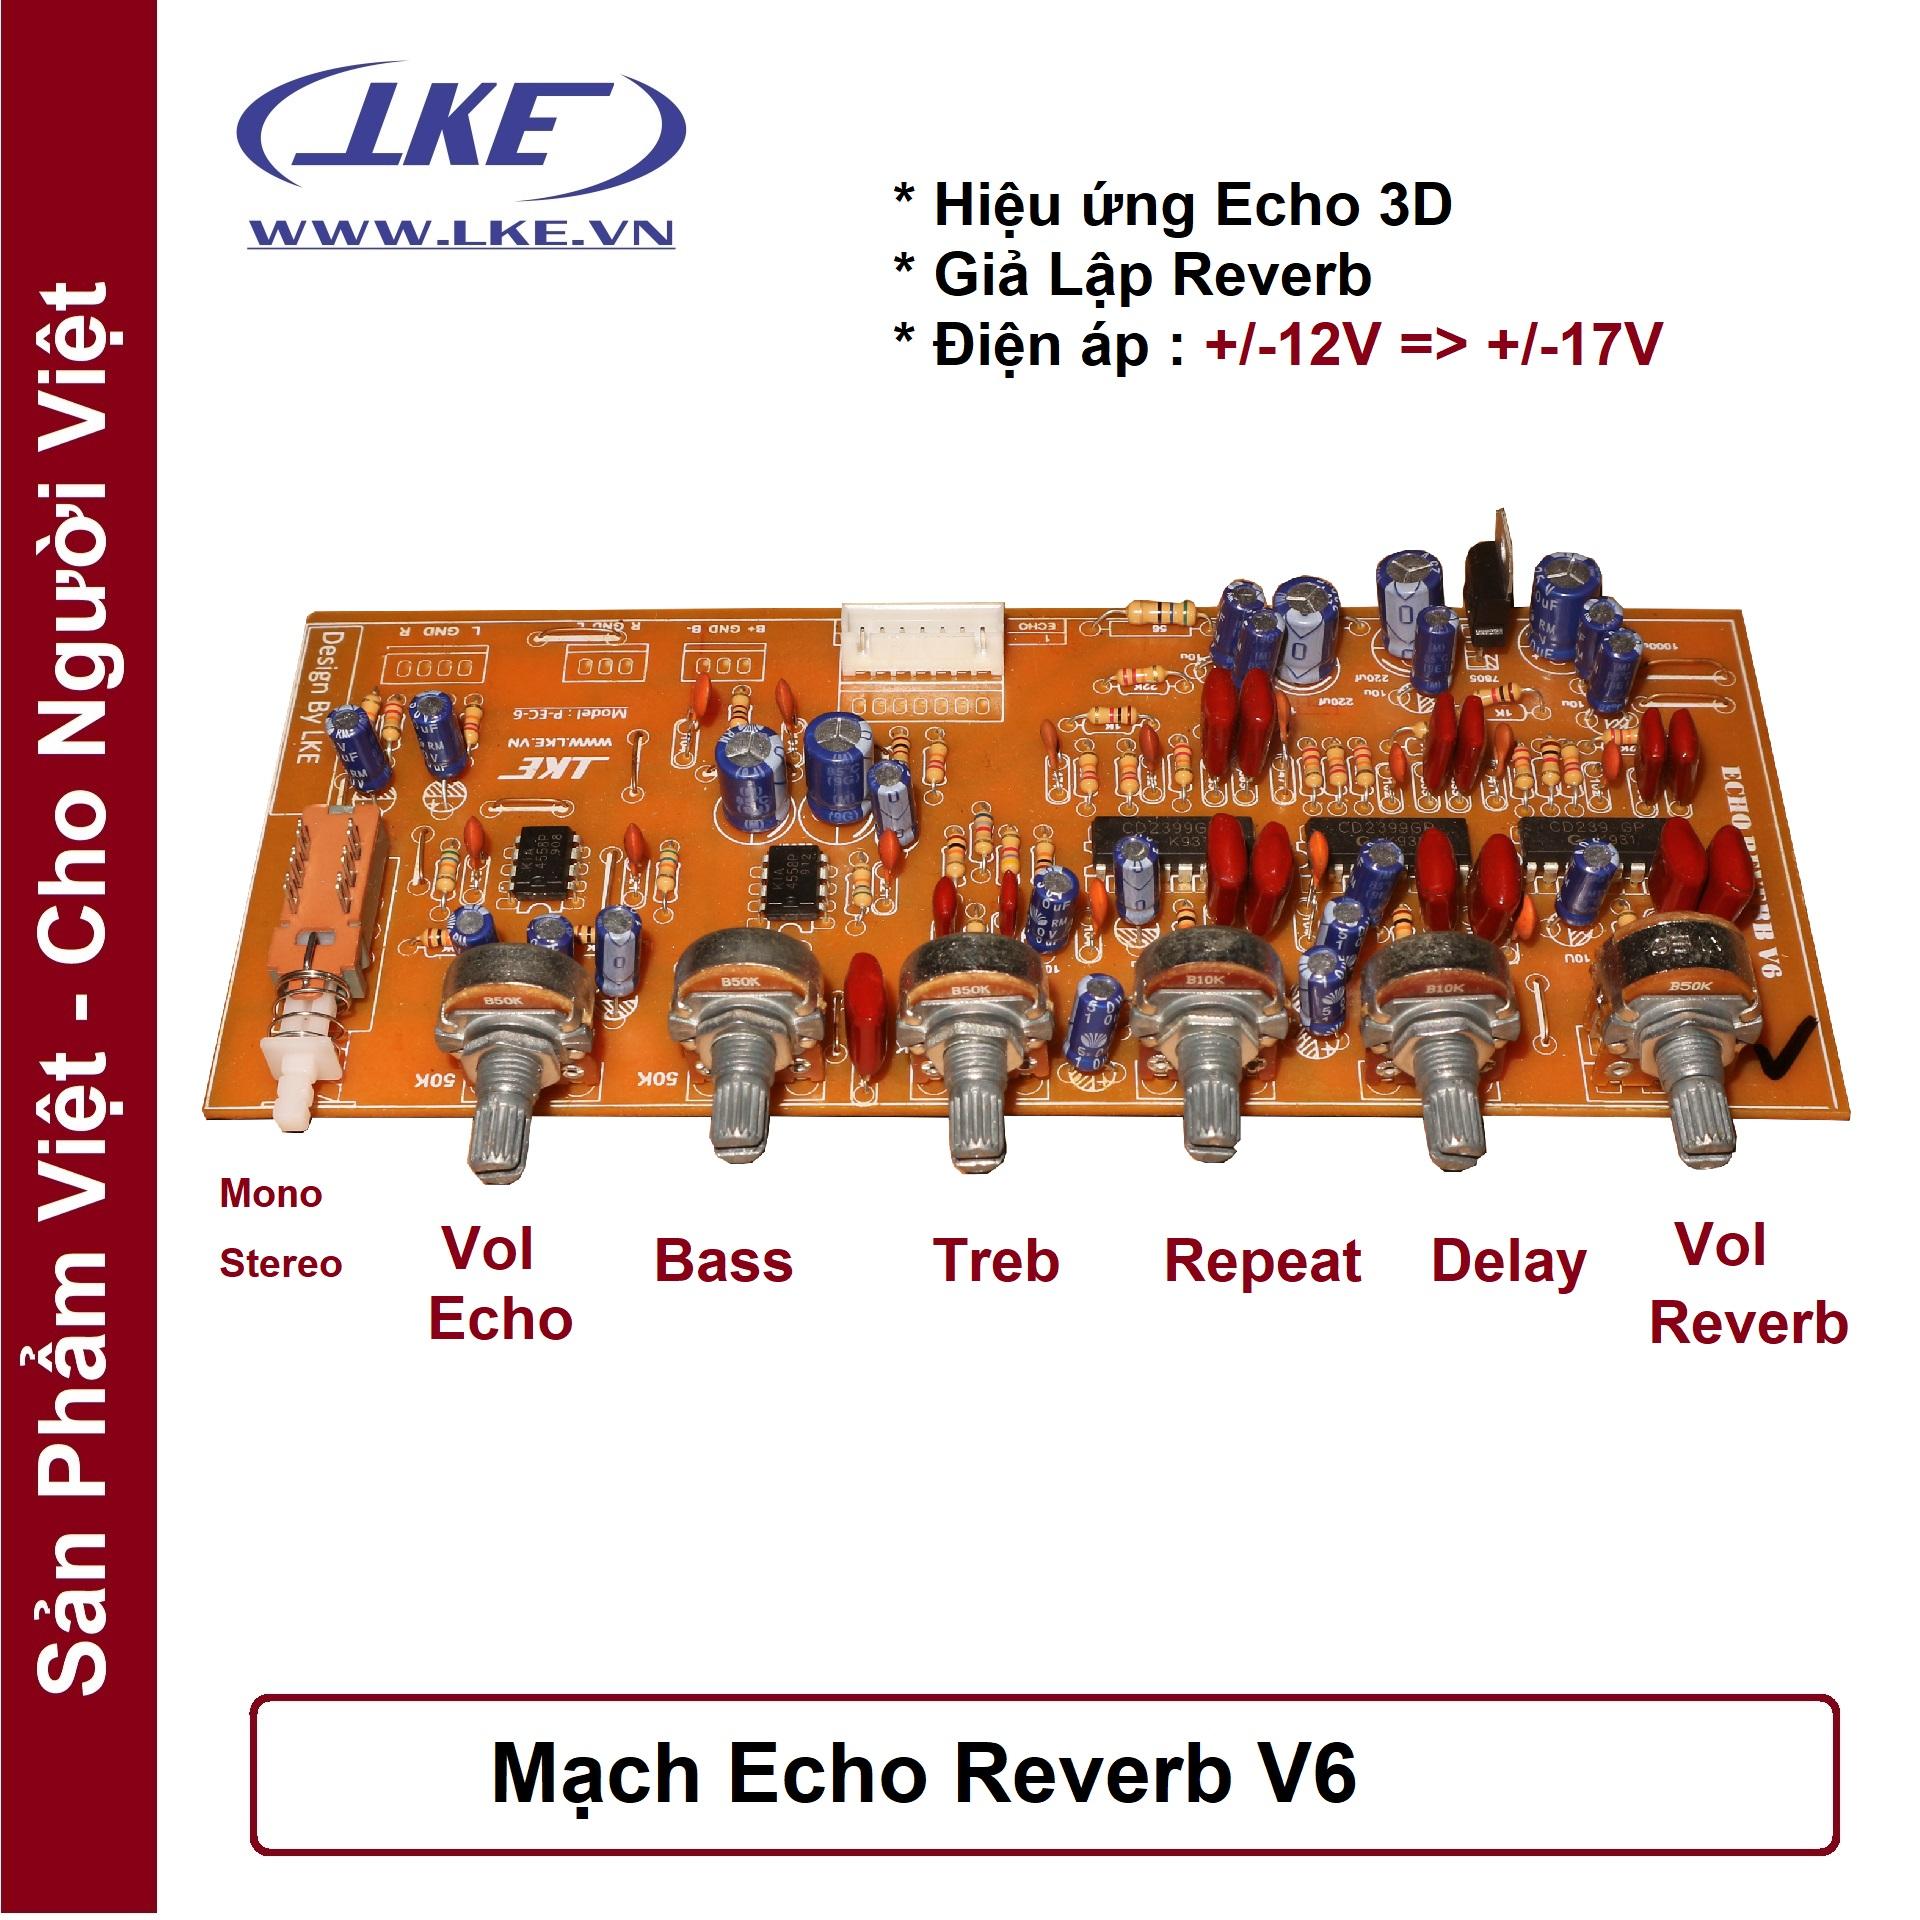 Mạch Echo Reverb V6 Nâng Cấp Ampli Karaoke Giá Tốt Không Nên Bỏ Lỡ